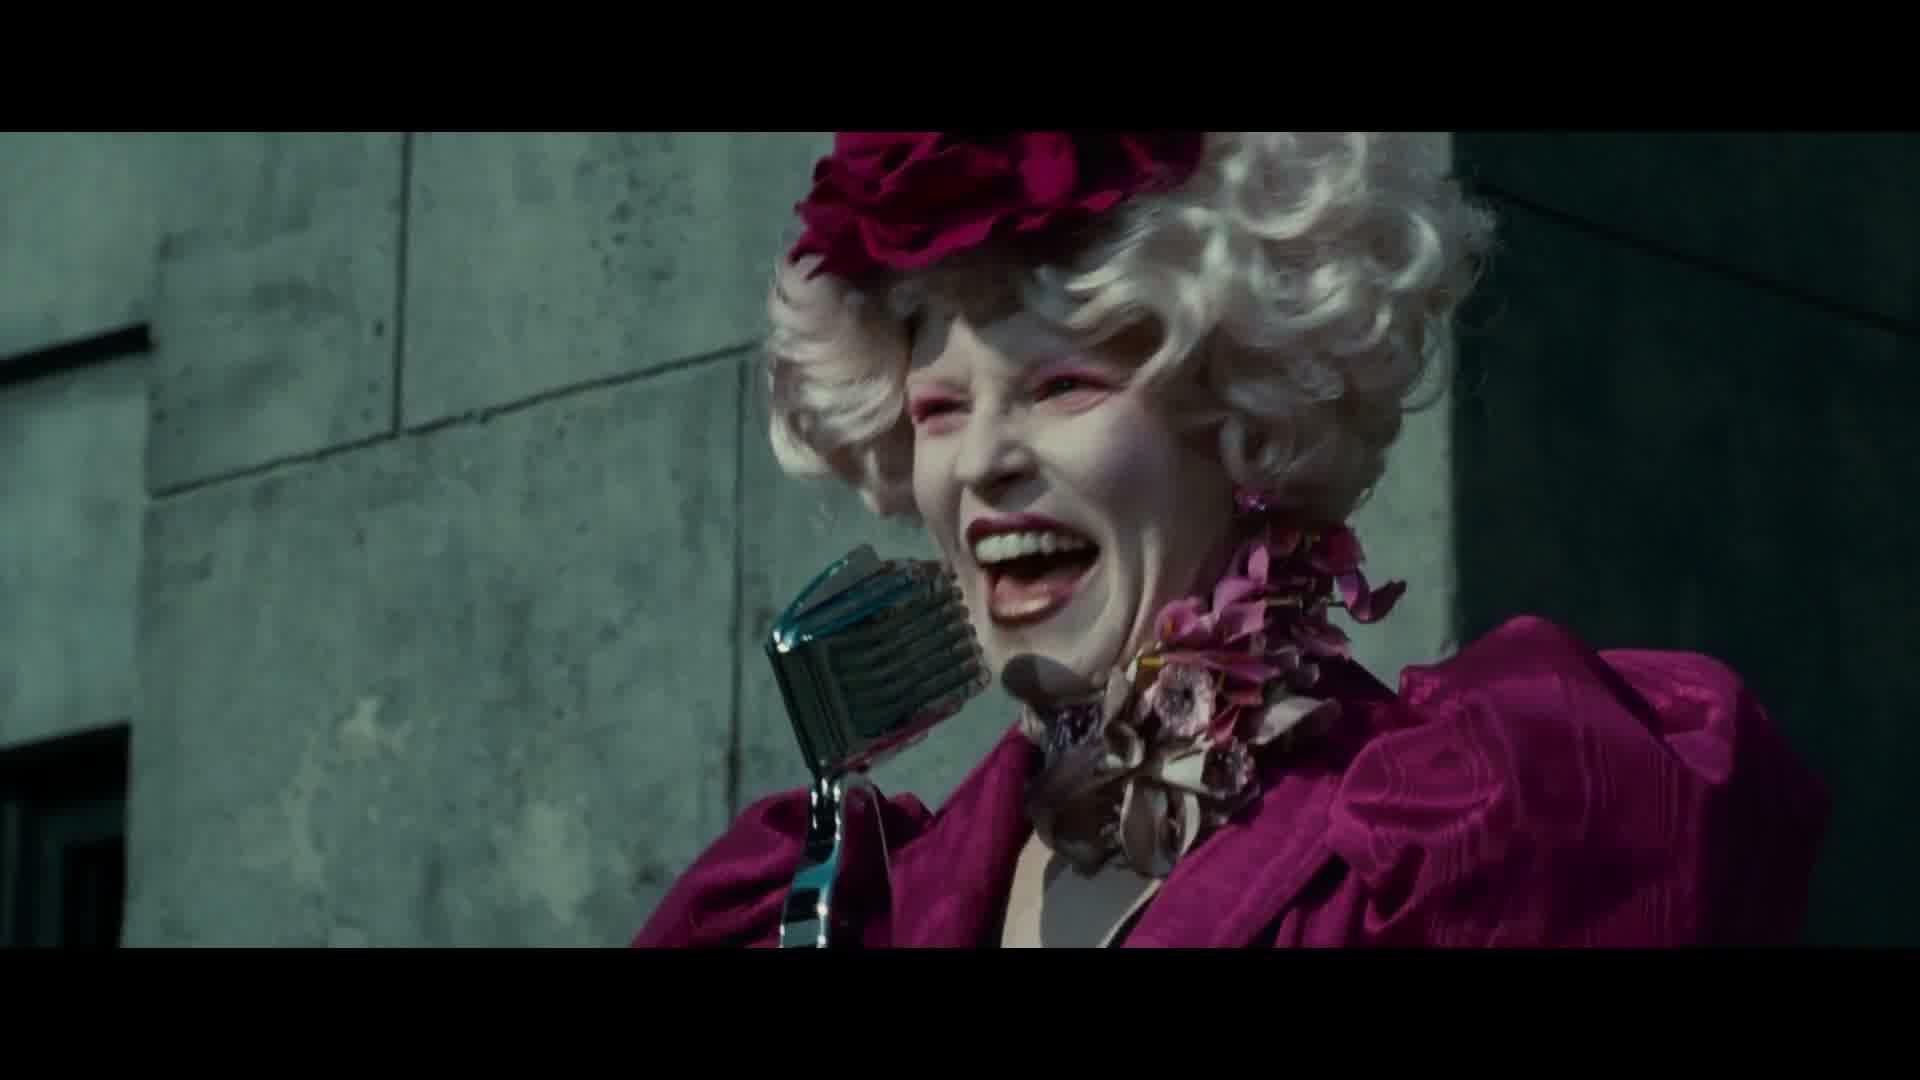 Effie Trinket images 'The Hunger Games' trailer #2 HD ...  Effie Trinket i...